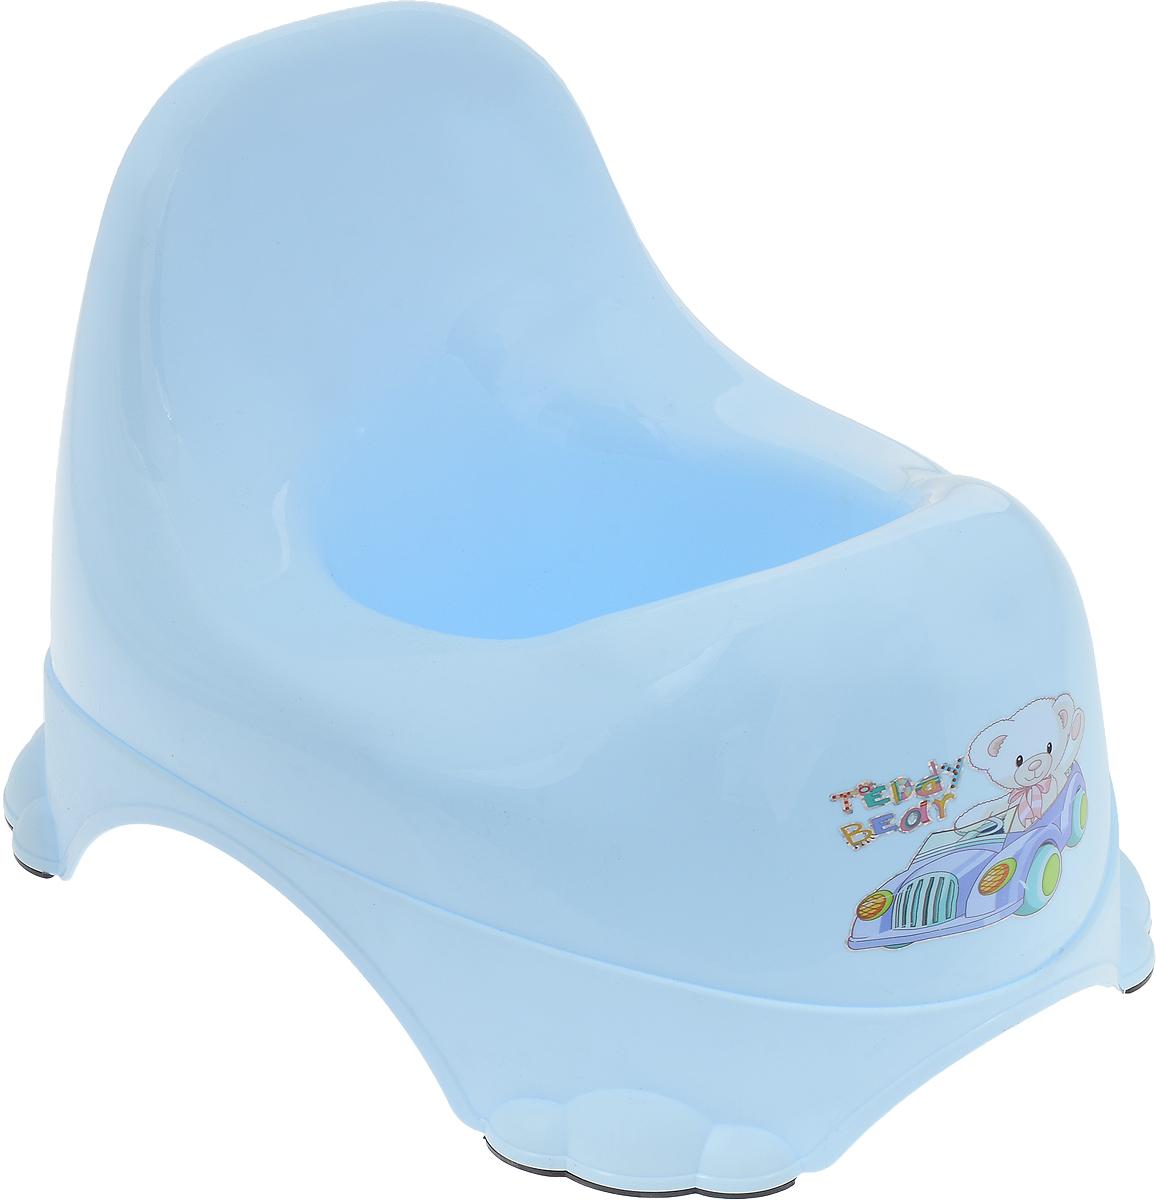 Dunya Plastik Горшок детский Ниш-бэйби цвет светло-голубой